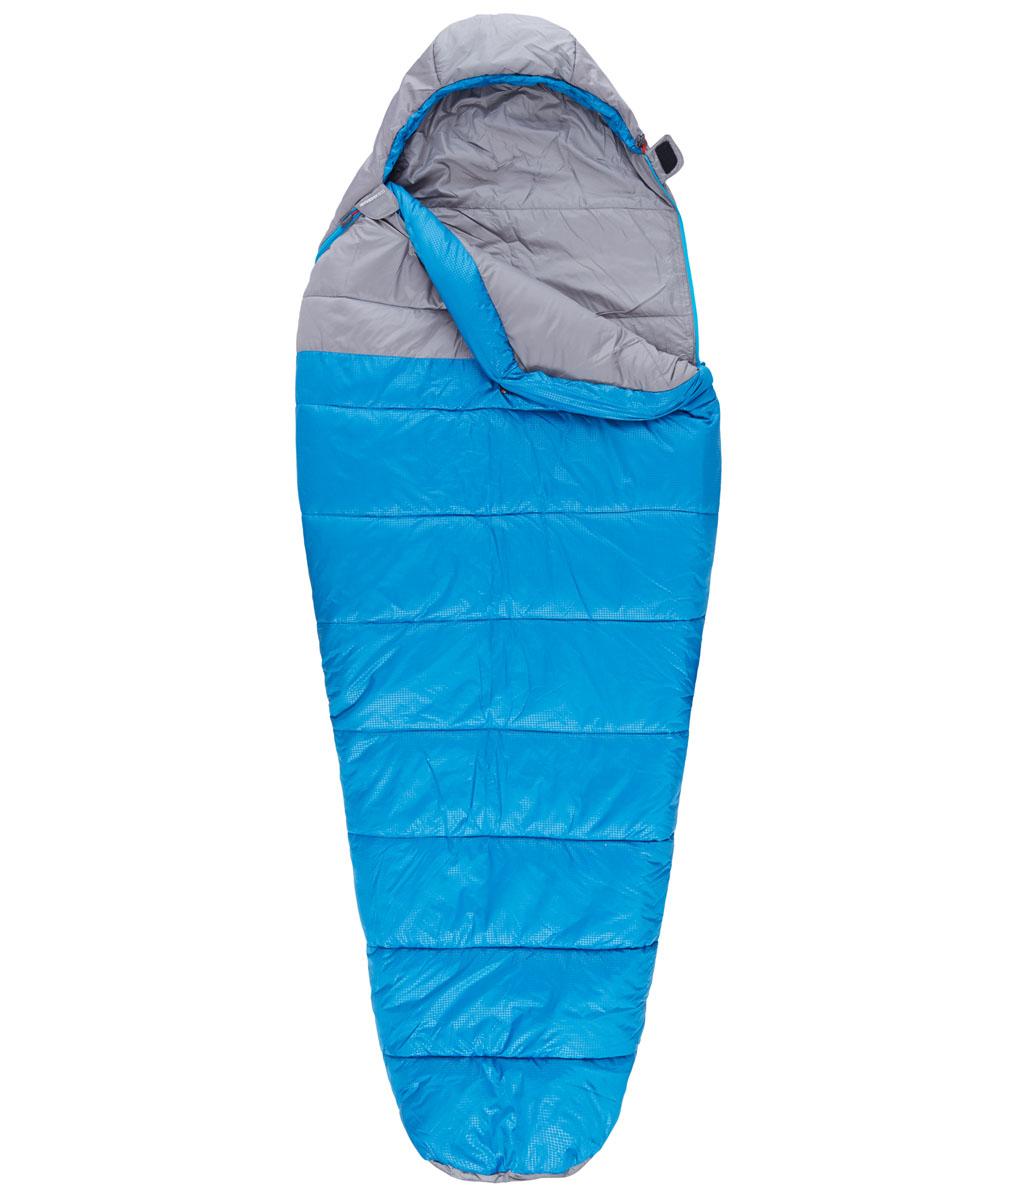 Спальный мешок The North Face Aleutian 20/-7, цвет: синий. T0A3A0M8RLH REGT0A3A0M8RLH REGCпальный мешок The North Face Aleutian 20/-7 прекрасно подойдет для путешествий, походов и рыбалки. Его можно целиком расстегнуть и расстелить в палатке. Мешок достаточно вместительный, универсальный, теплый и комфортный. Наружный и внешний слой выполнены из полиэстера. Он имеет:- капюшон,- внутренний карман,- отделение под подушку,- защита от закусывания молнии, - тепловой воротник,- тепловой валик молнии, - петли для сушки.Что взять с собой в поход?. Статья OZON Гид